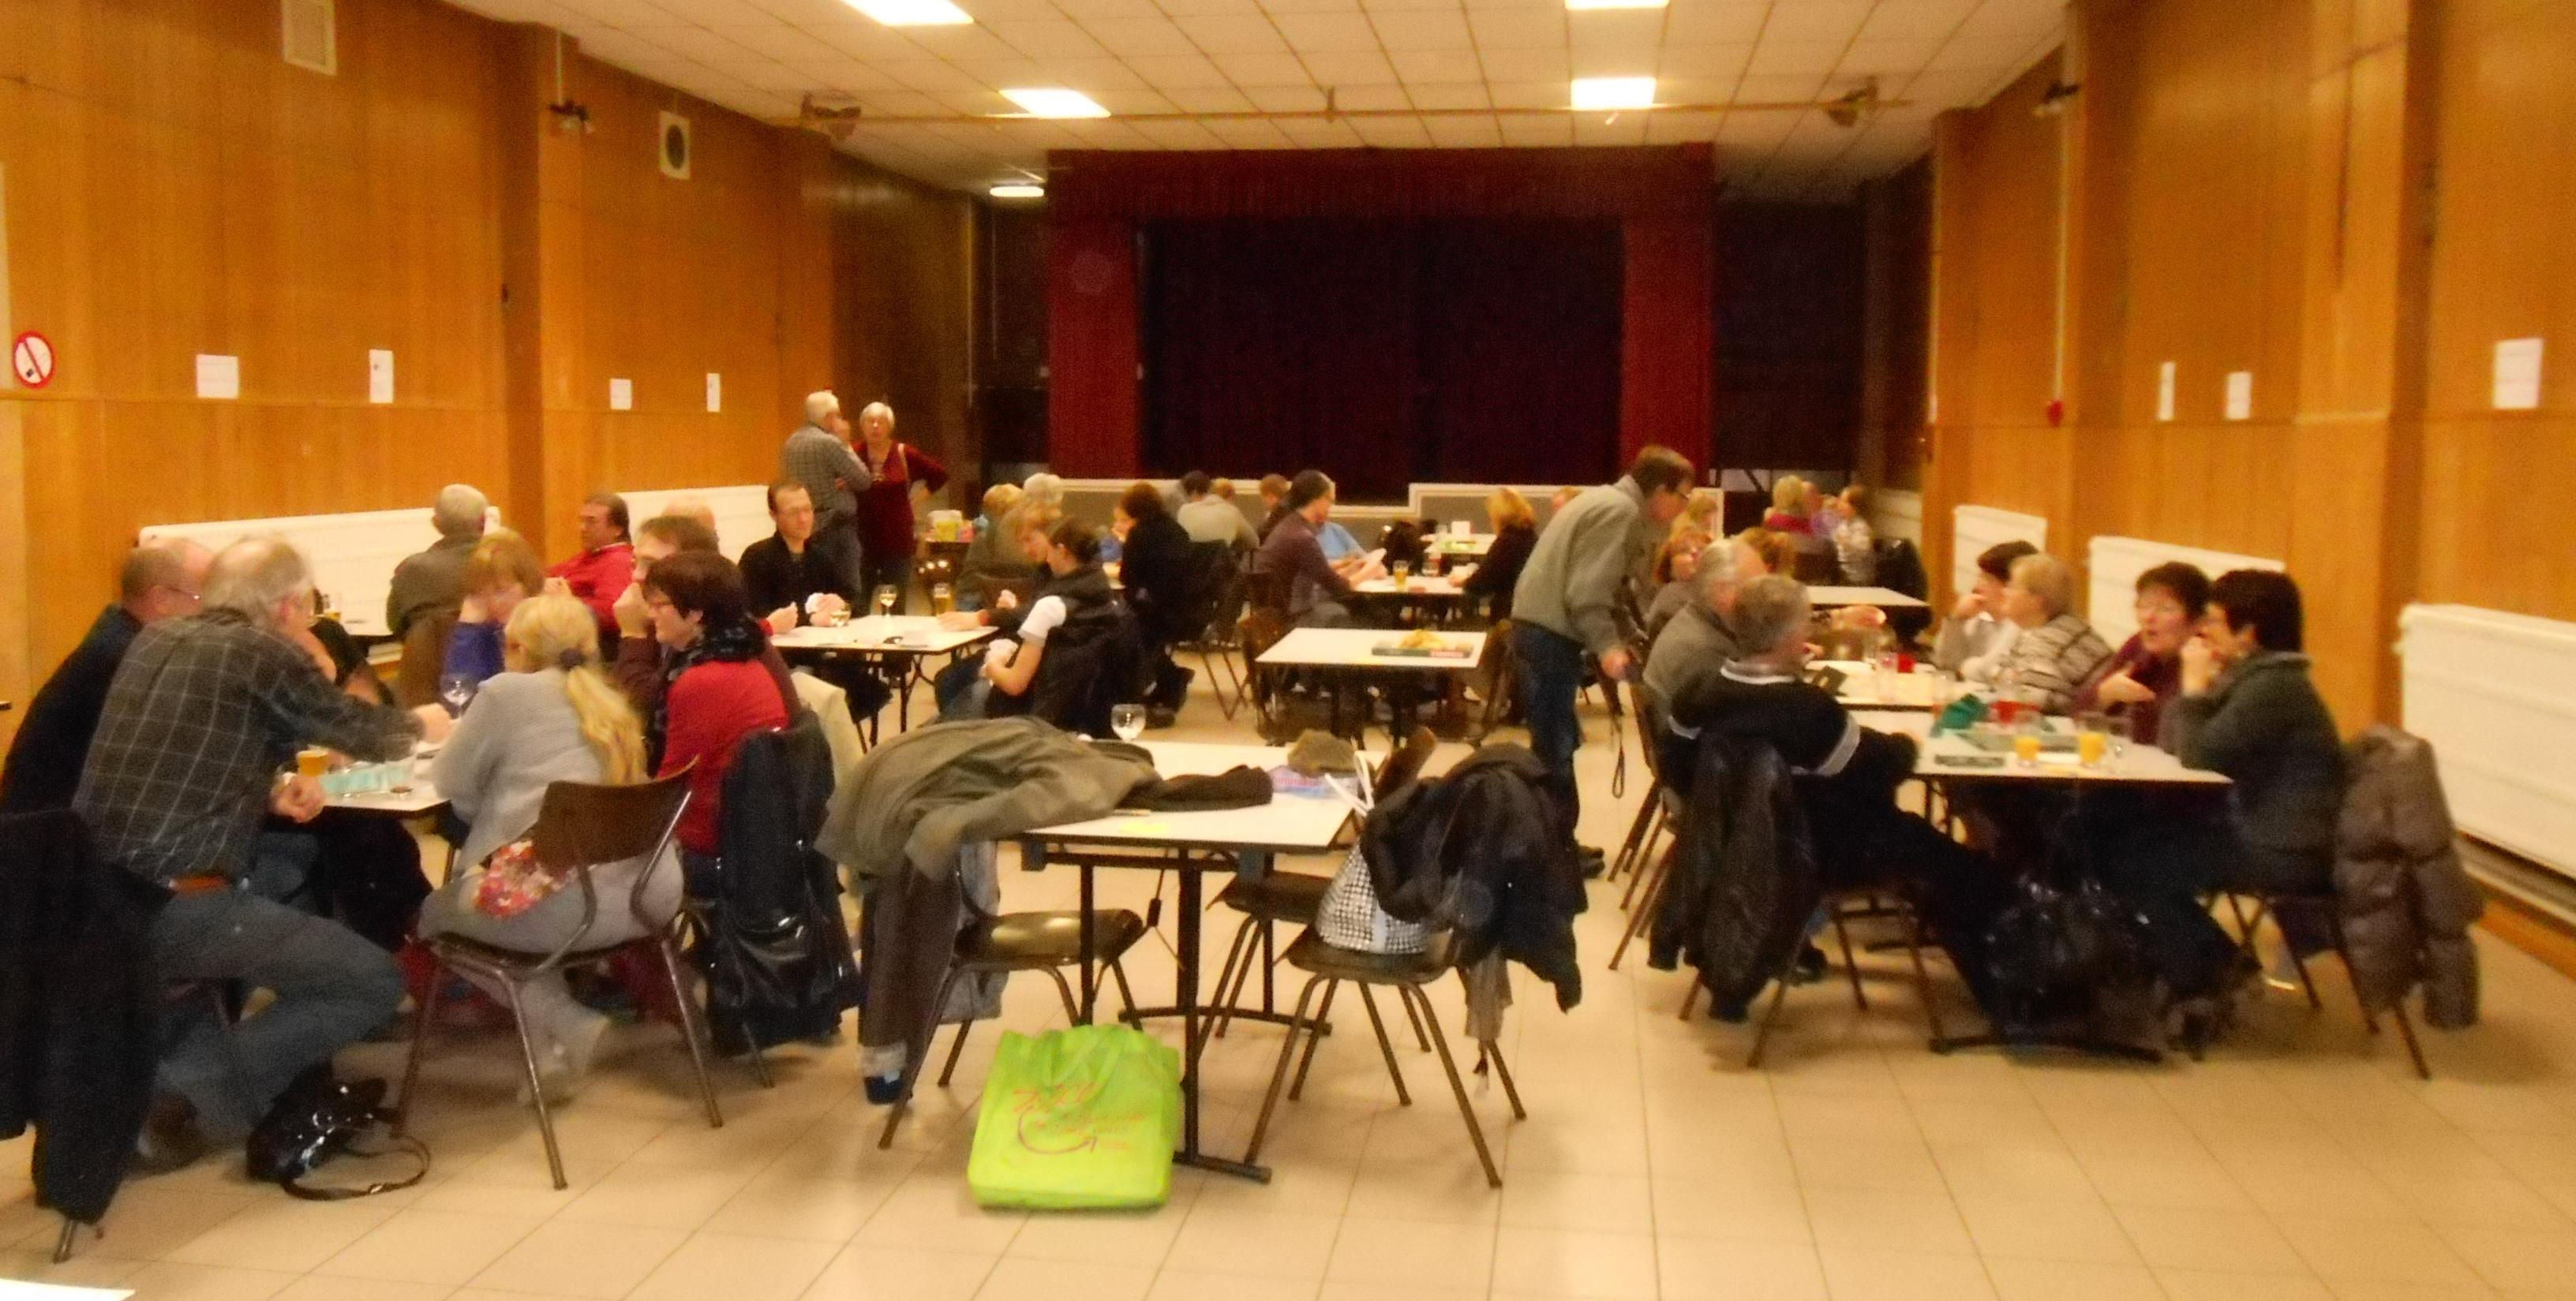 Soirée jeux en novembre 2012 à la salle communale de l'Amirauté